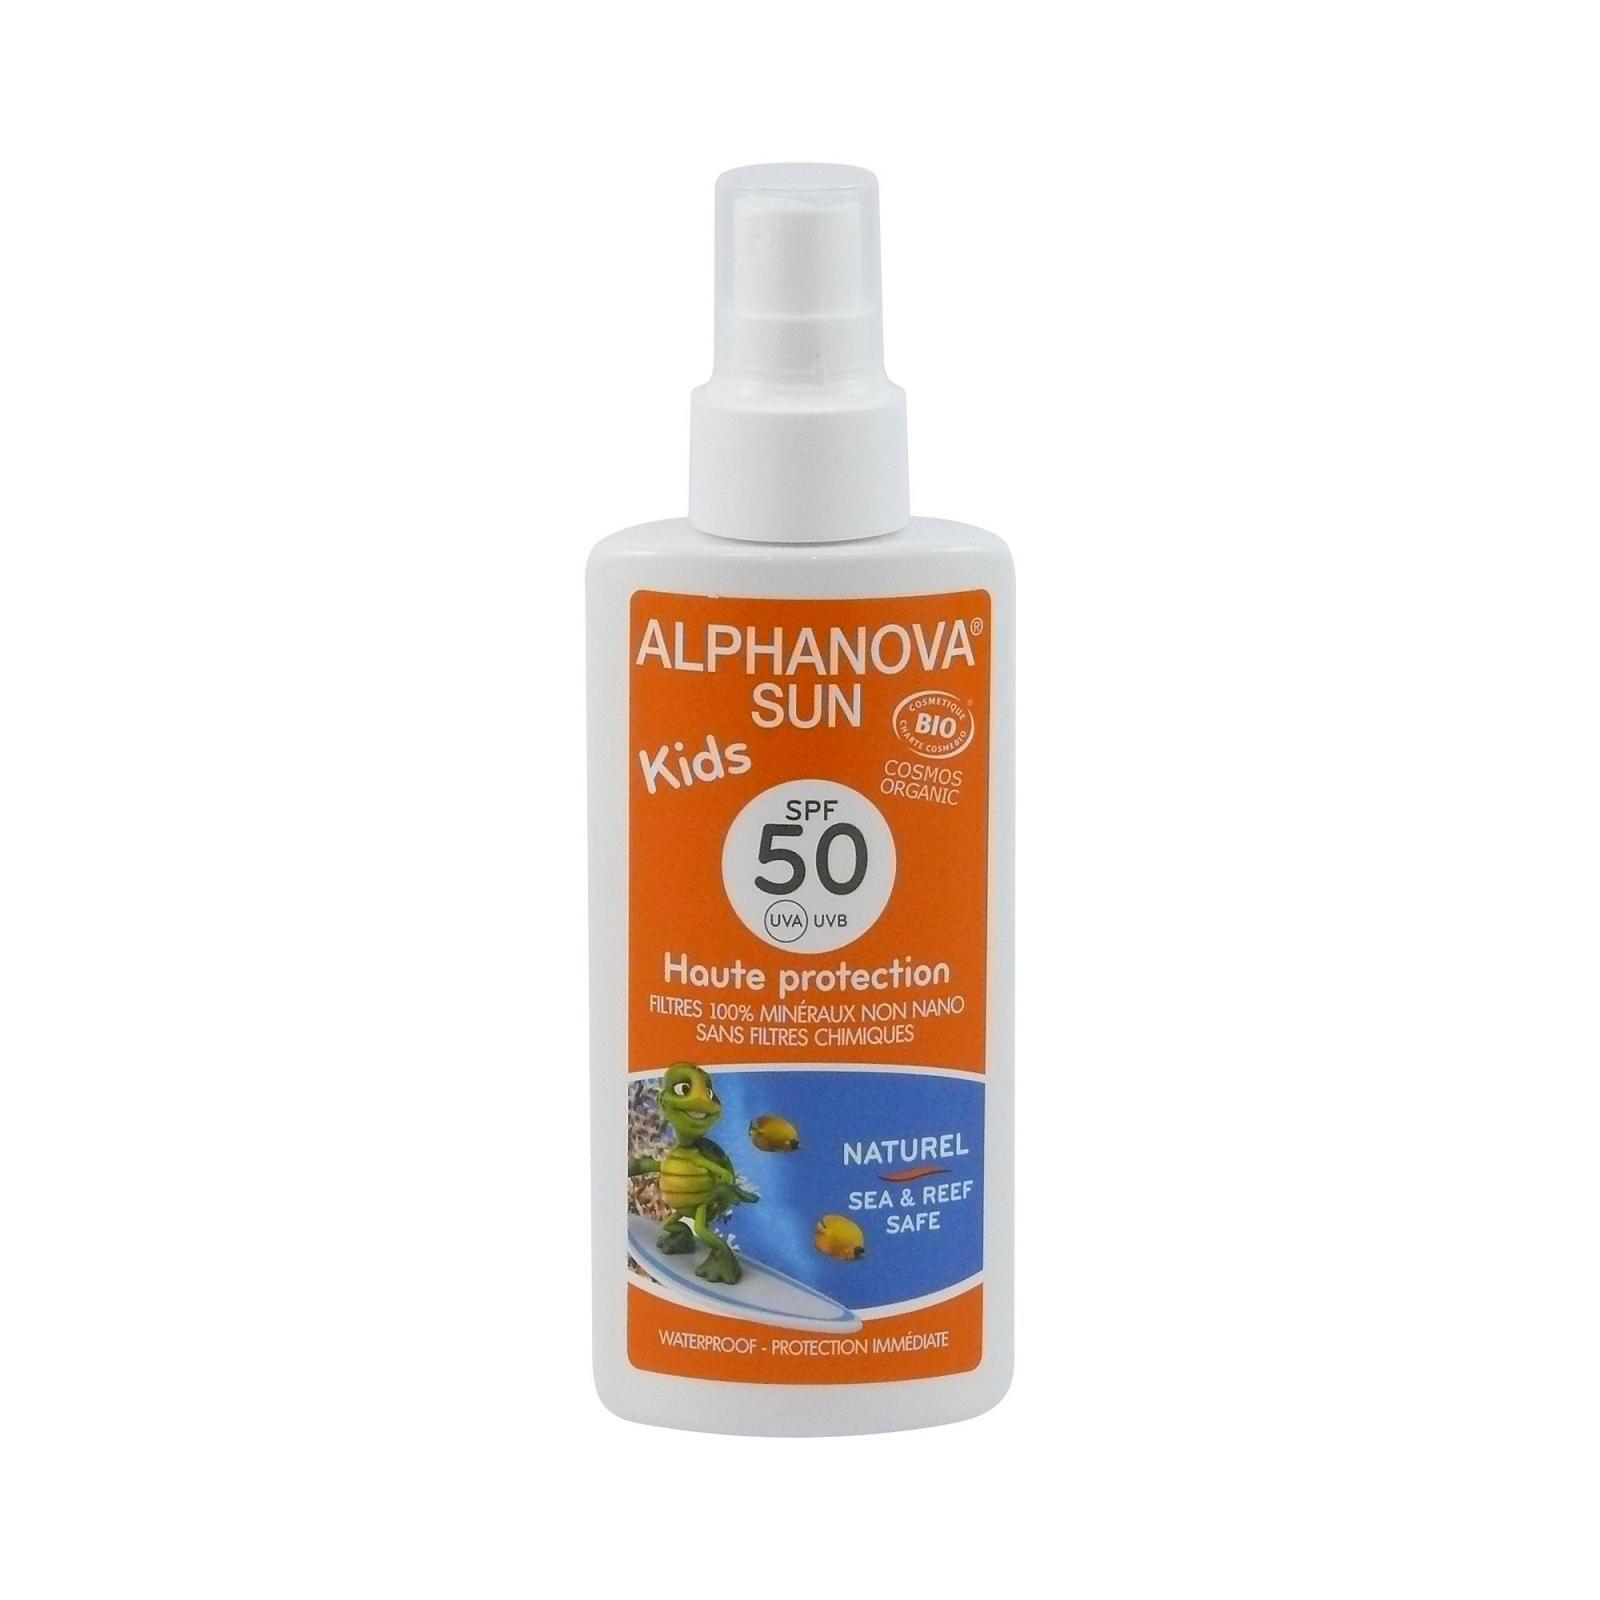 Alphanova Opalovací krém ve spreji pro děti SPF 50 125 g